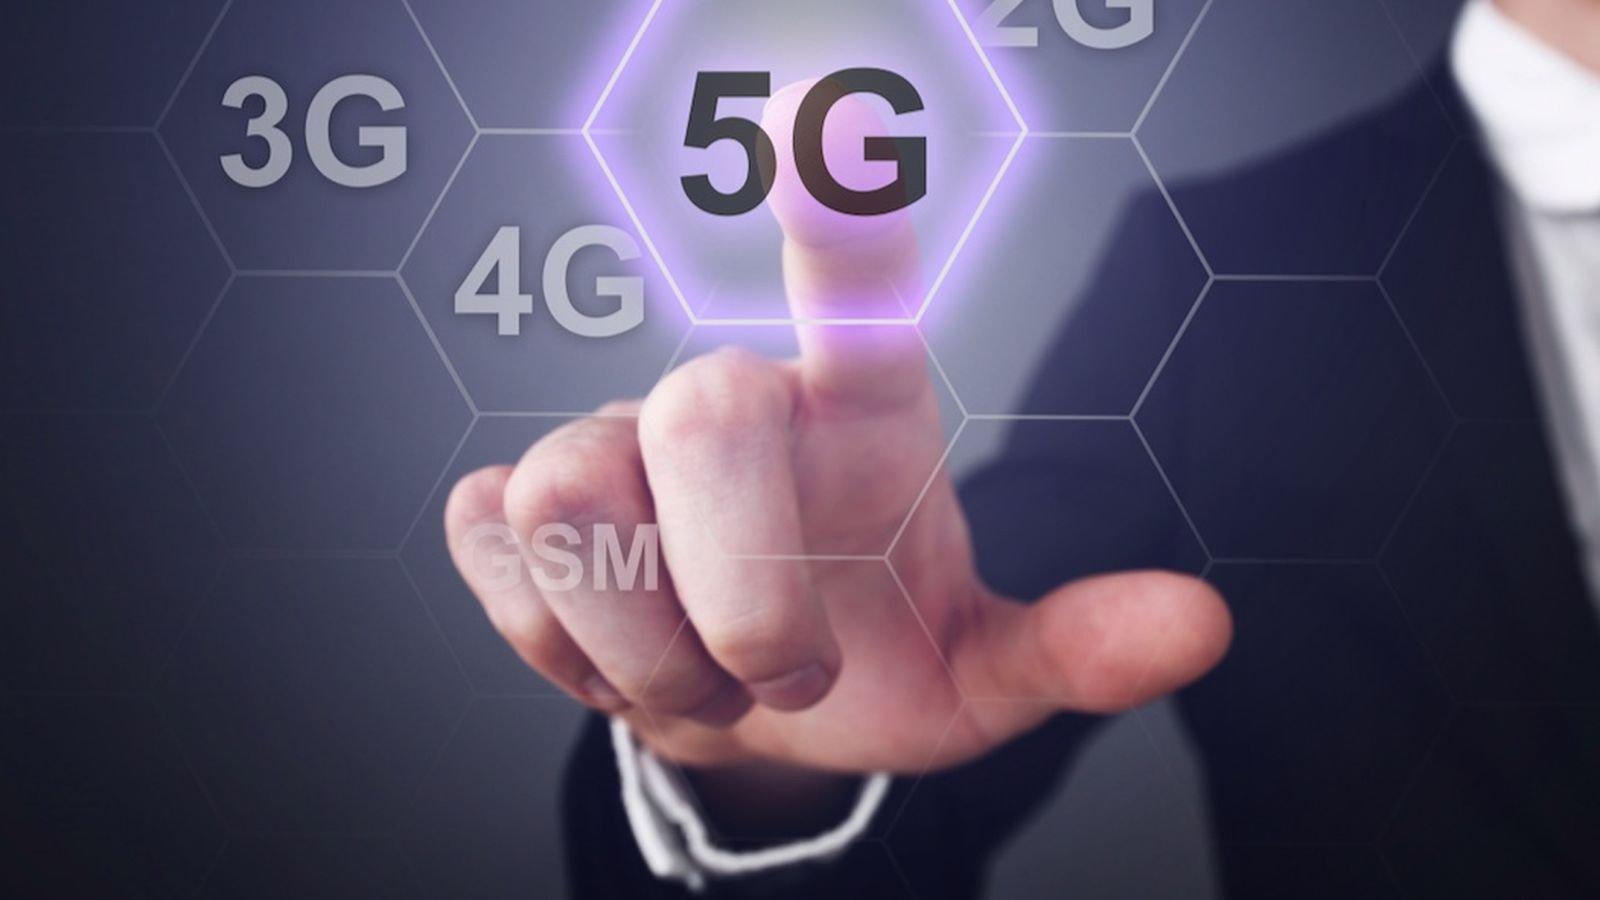 Профессионалы предсказали увелечение стоимости телефонов из-за свежей технологии